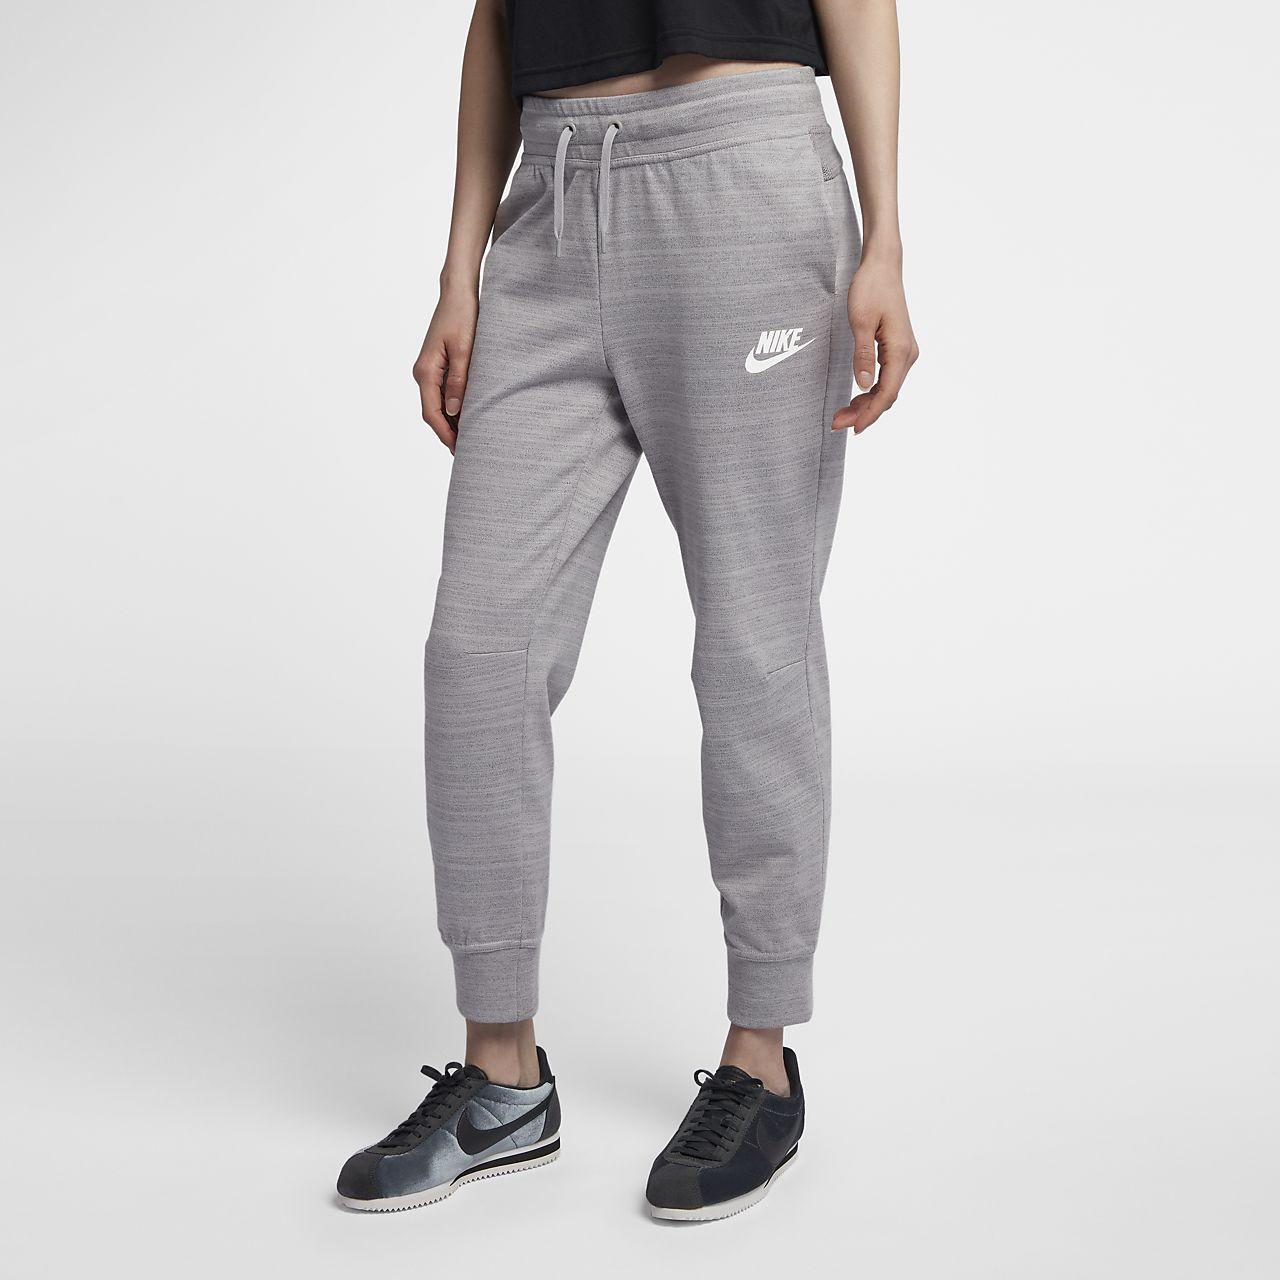 ... Pantalon en maille Nike Sportswear Advance 15 pour Femme